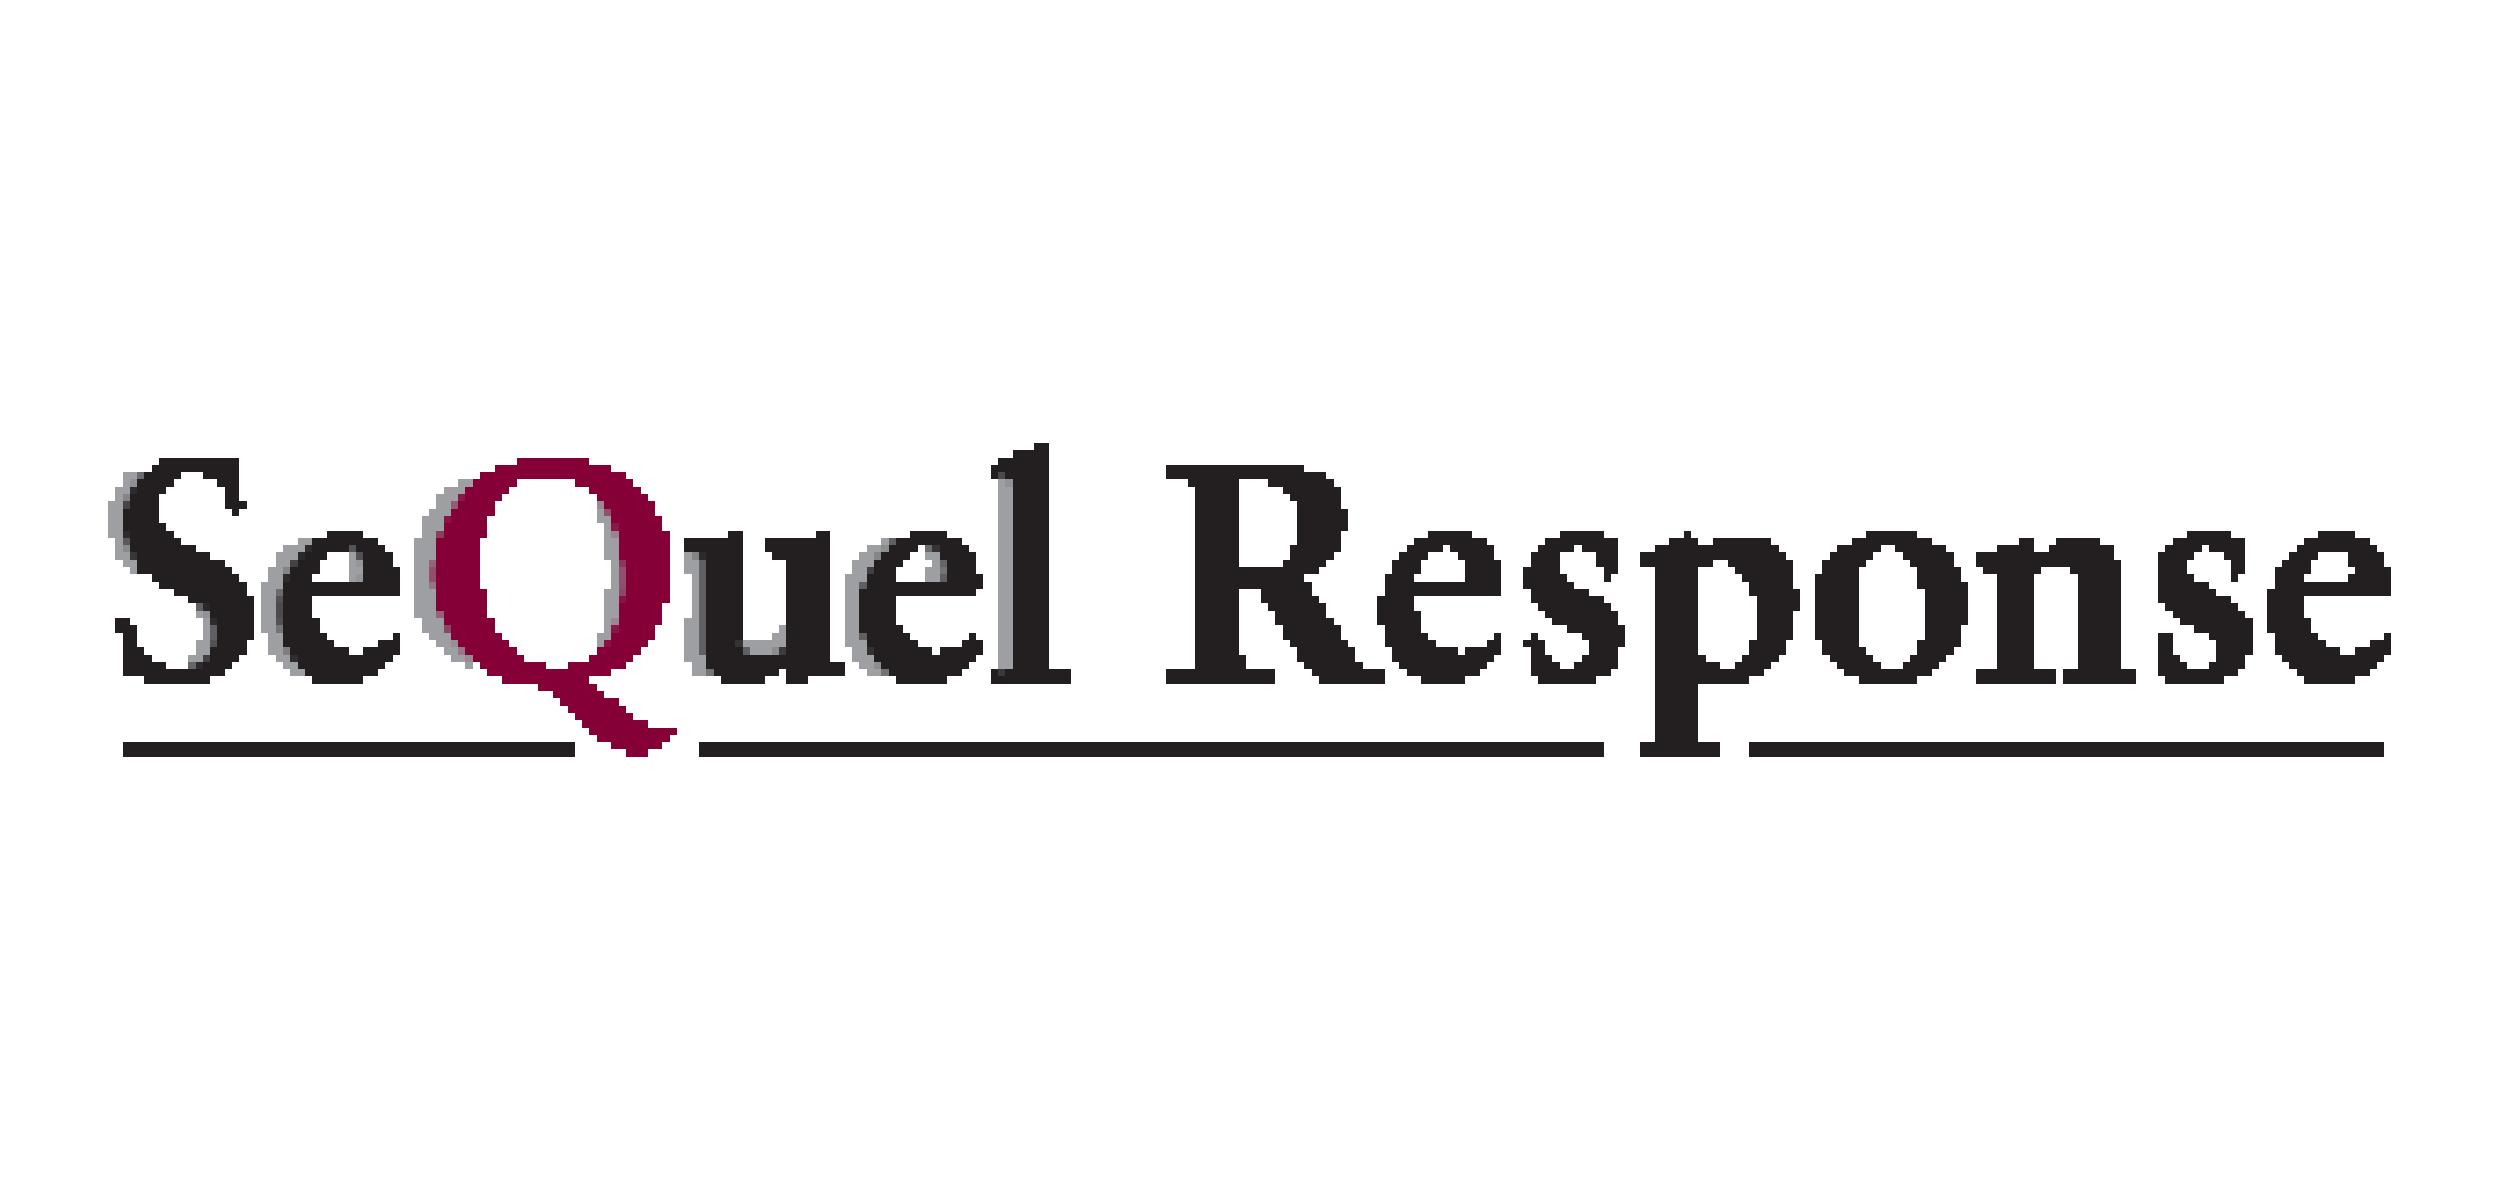 sequel-response-logo-01